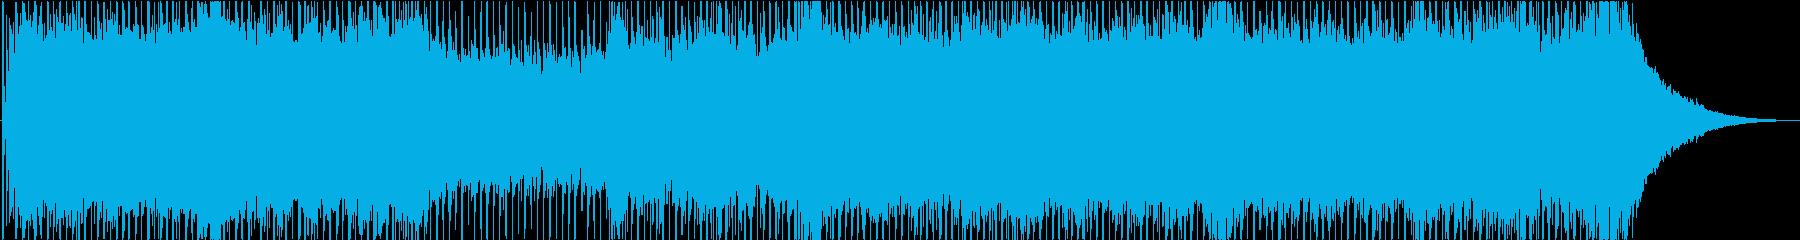 爽快で少しワイルドなポップ・ロックの再生済みの波形